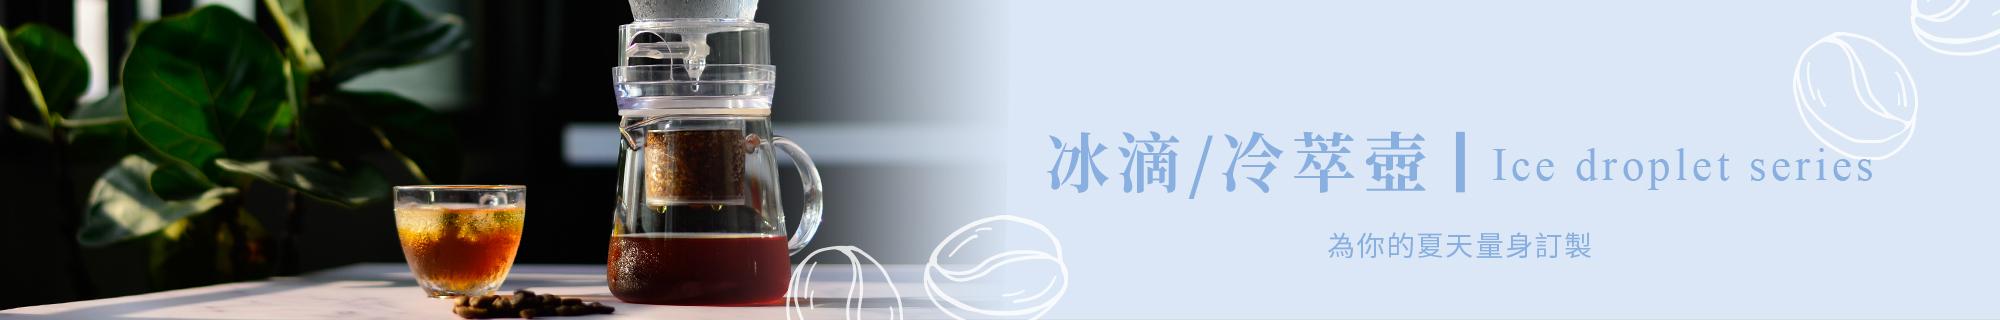 冰滴/冷萃壺ice droplet series